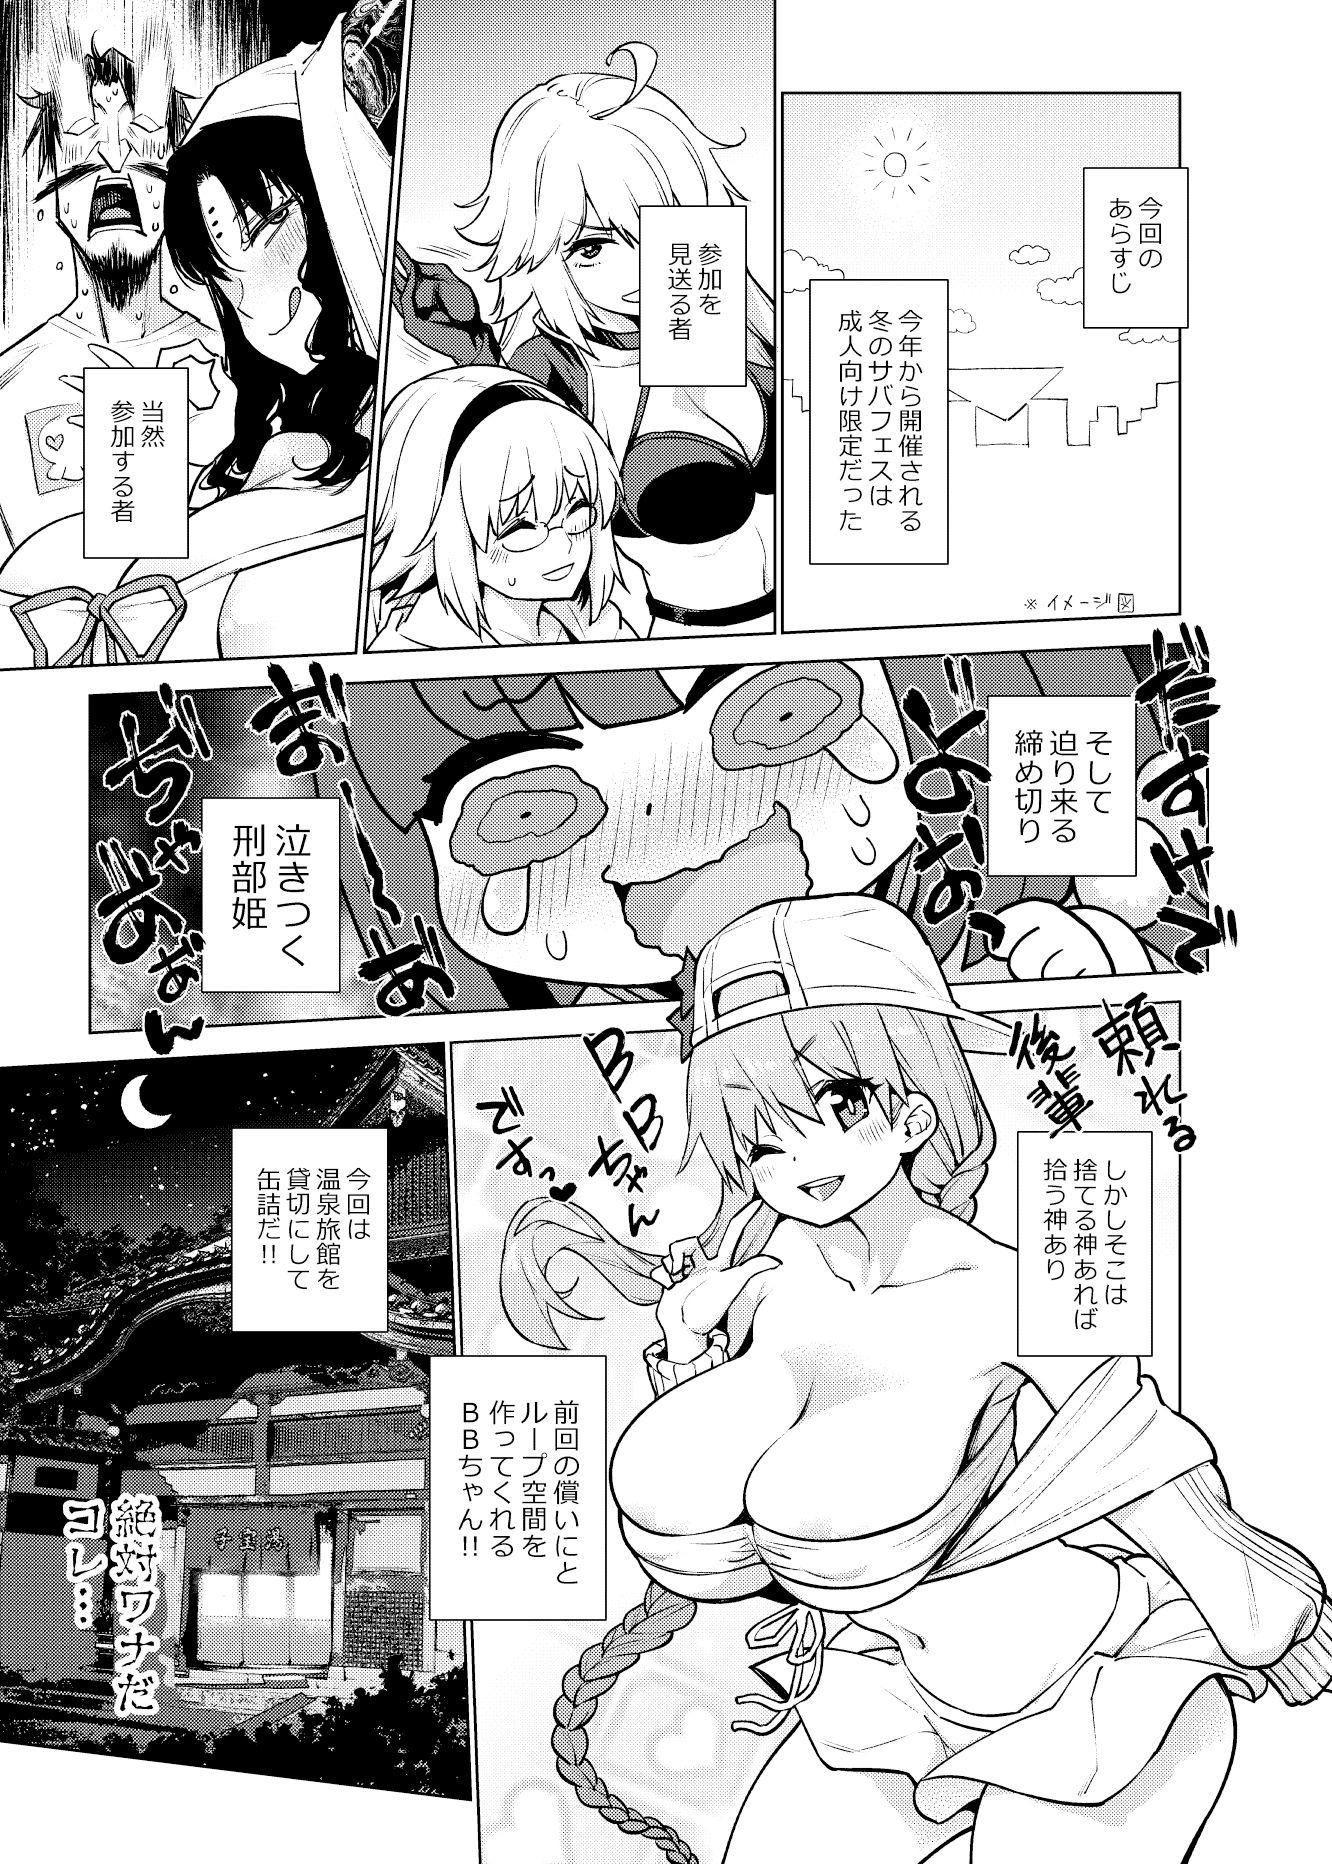 刑◯姫と原稿合宿しに行った筈の温泉旅館でセックスする本。